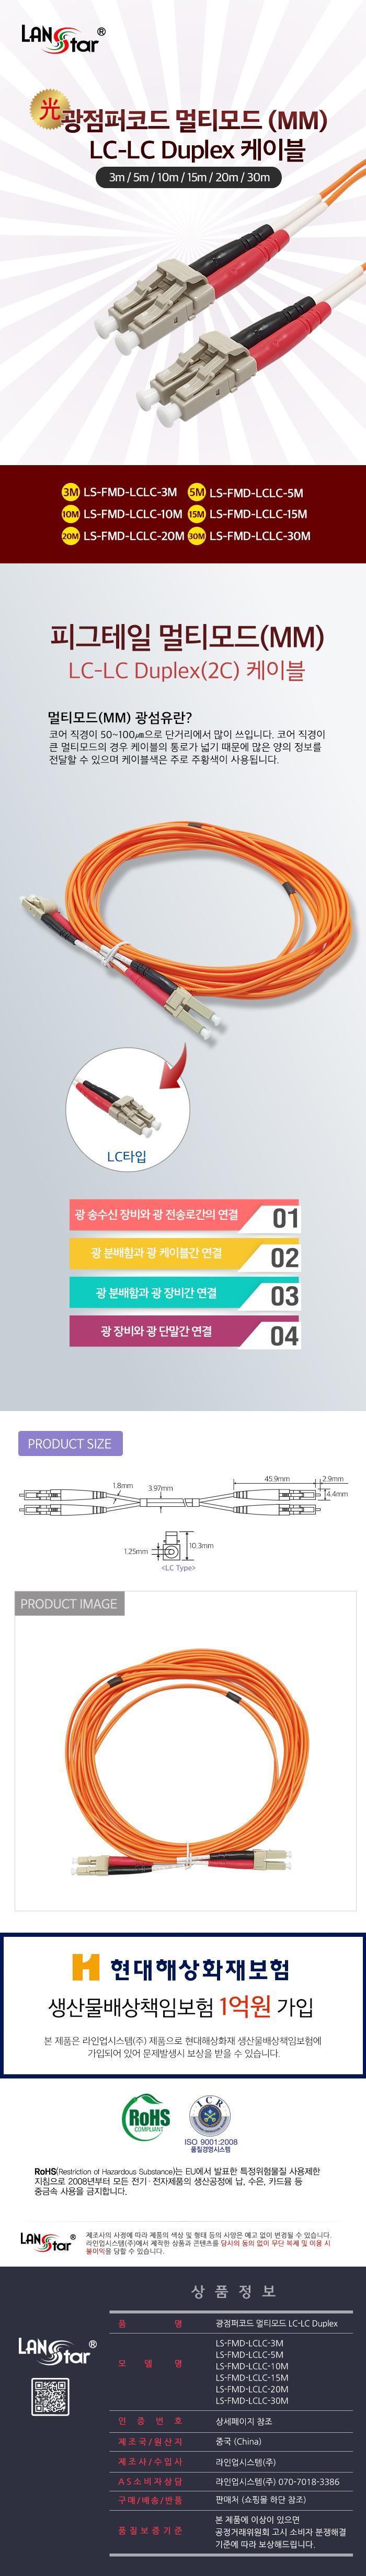 라인업시스템 LANSTAR LS-FMD-LCLC 광점퍼코드 멀티모드 LC-LC Duplex 케이블 (30m)